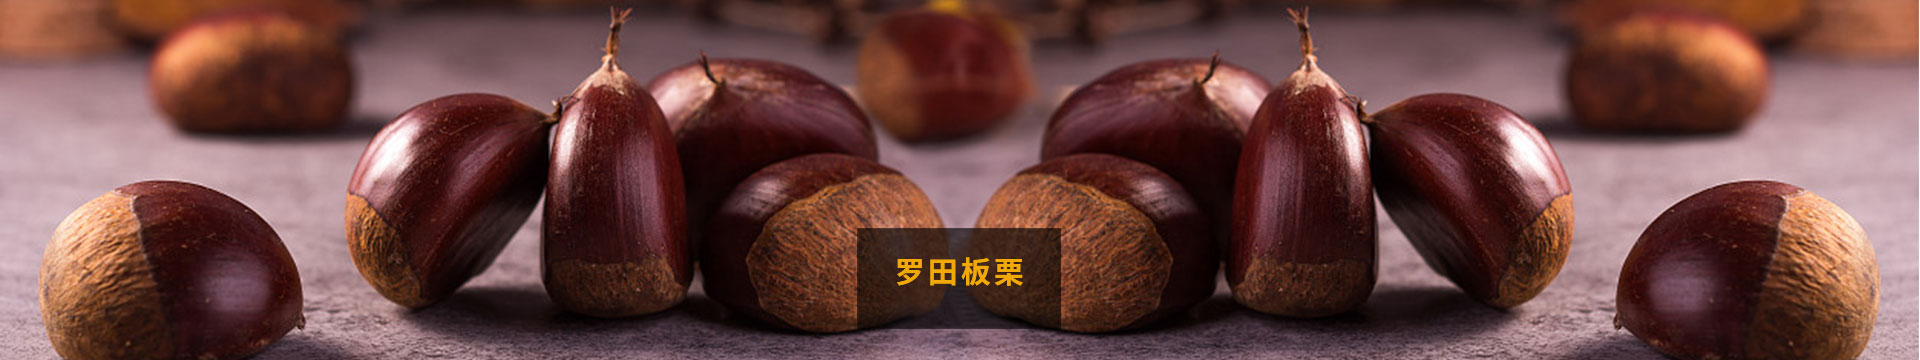 湖北板栗_关于弘福banner